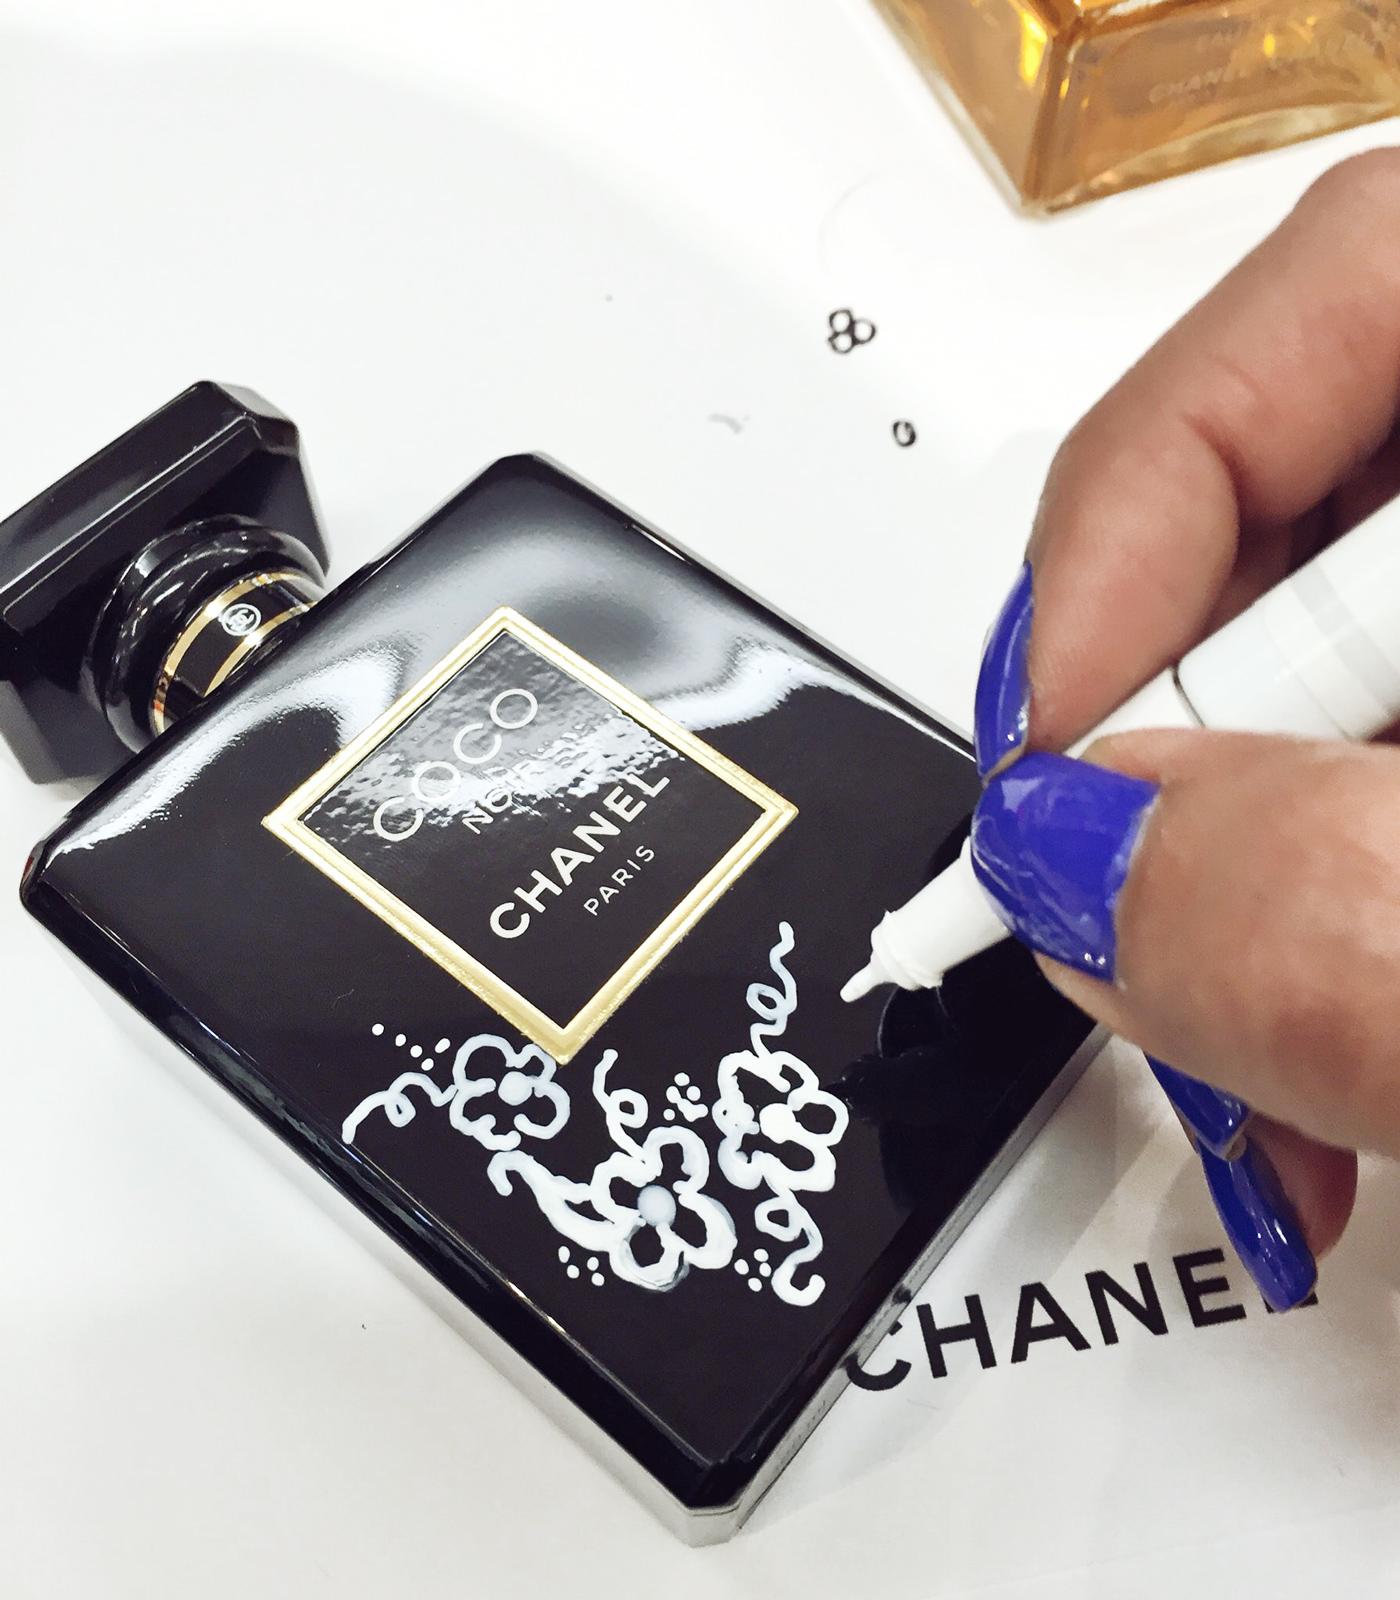 TAOS-Chanel-noir-bottle-illustration